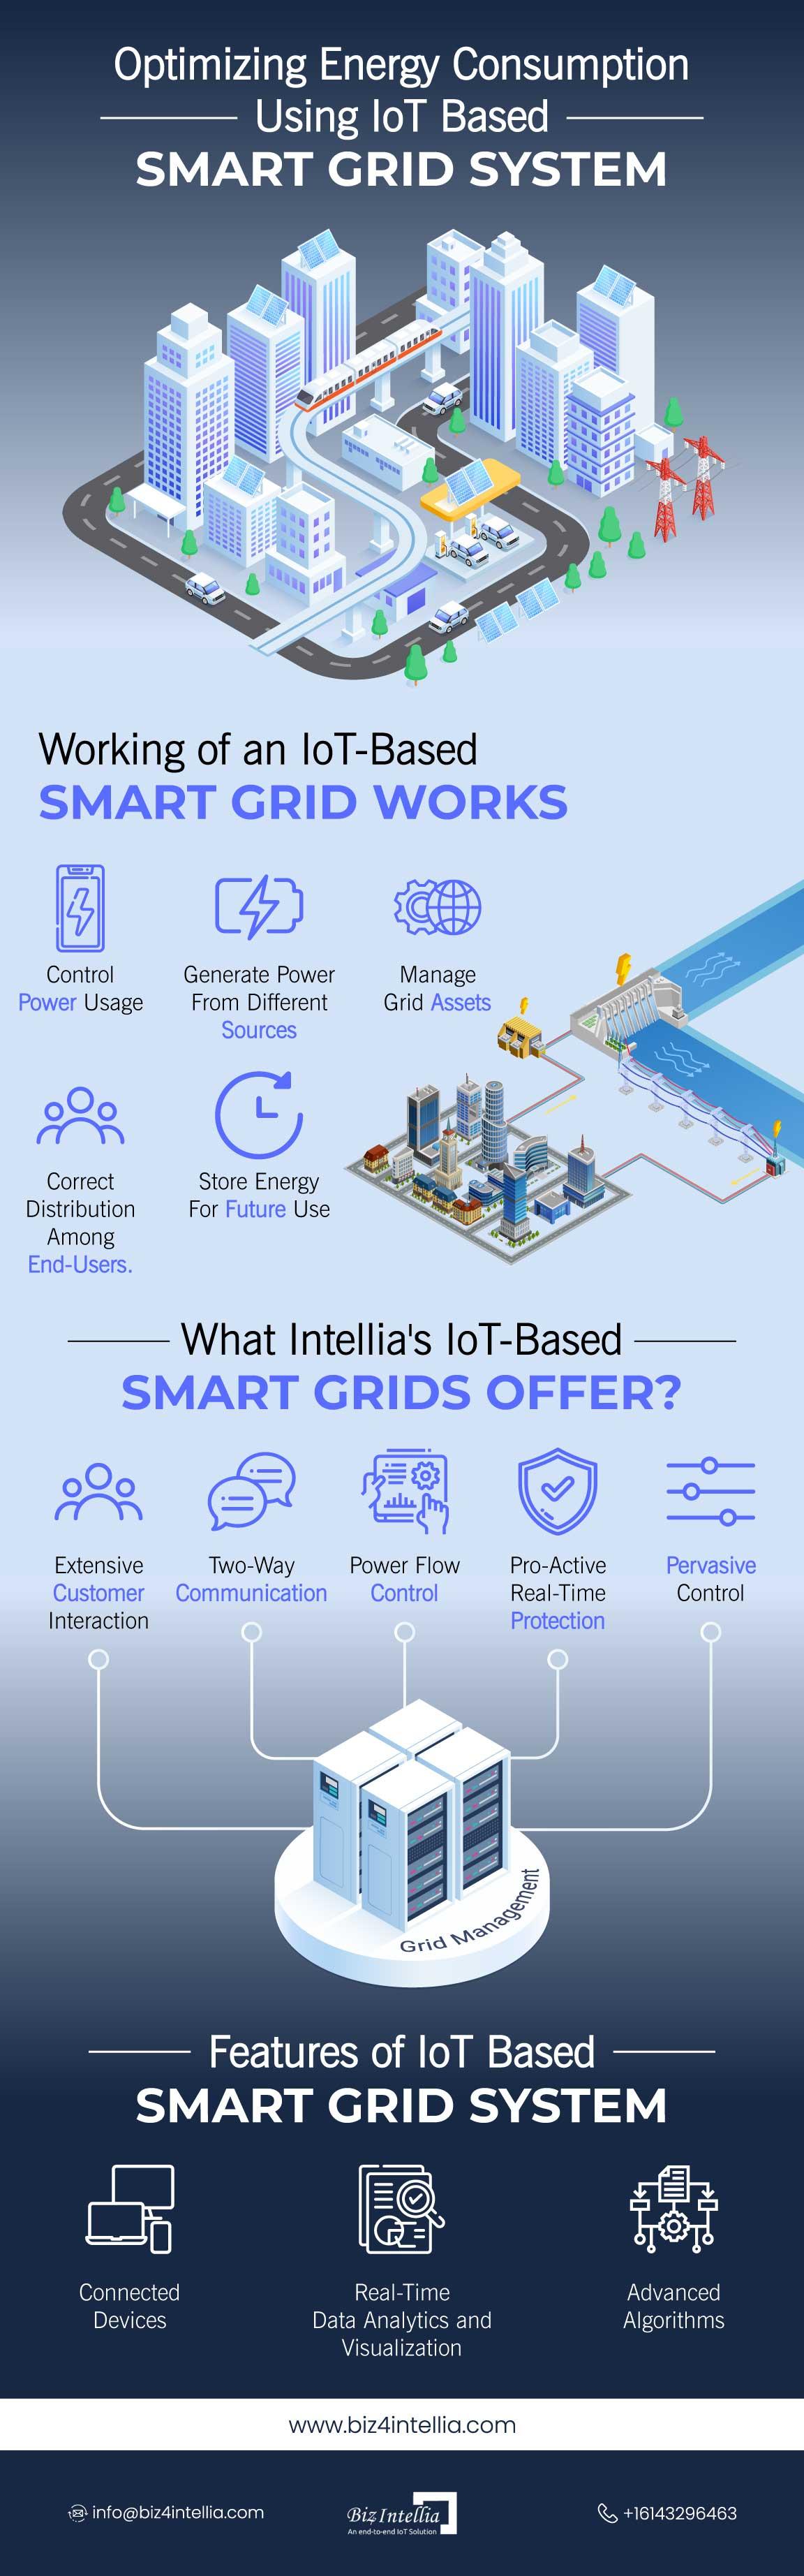 optimizing-energy-consumption-using-iot-based-smart-grid-system